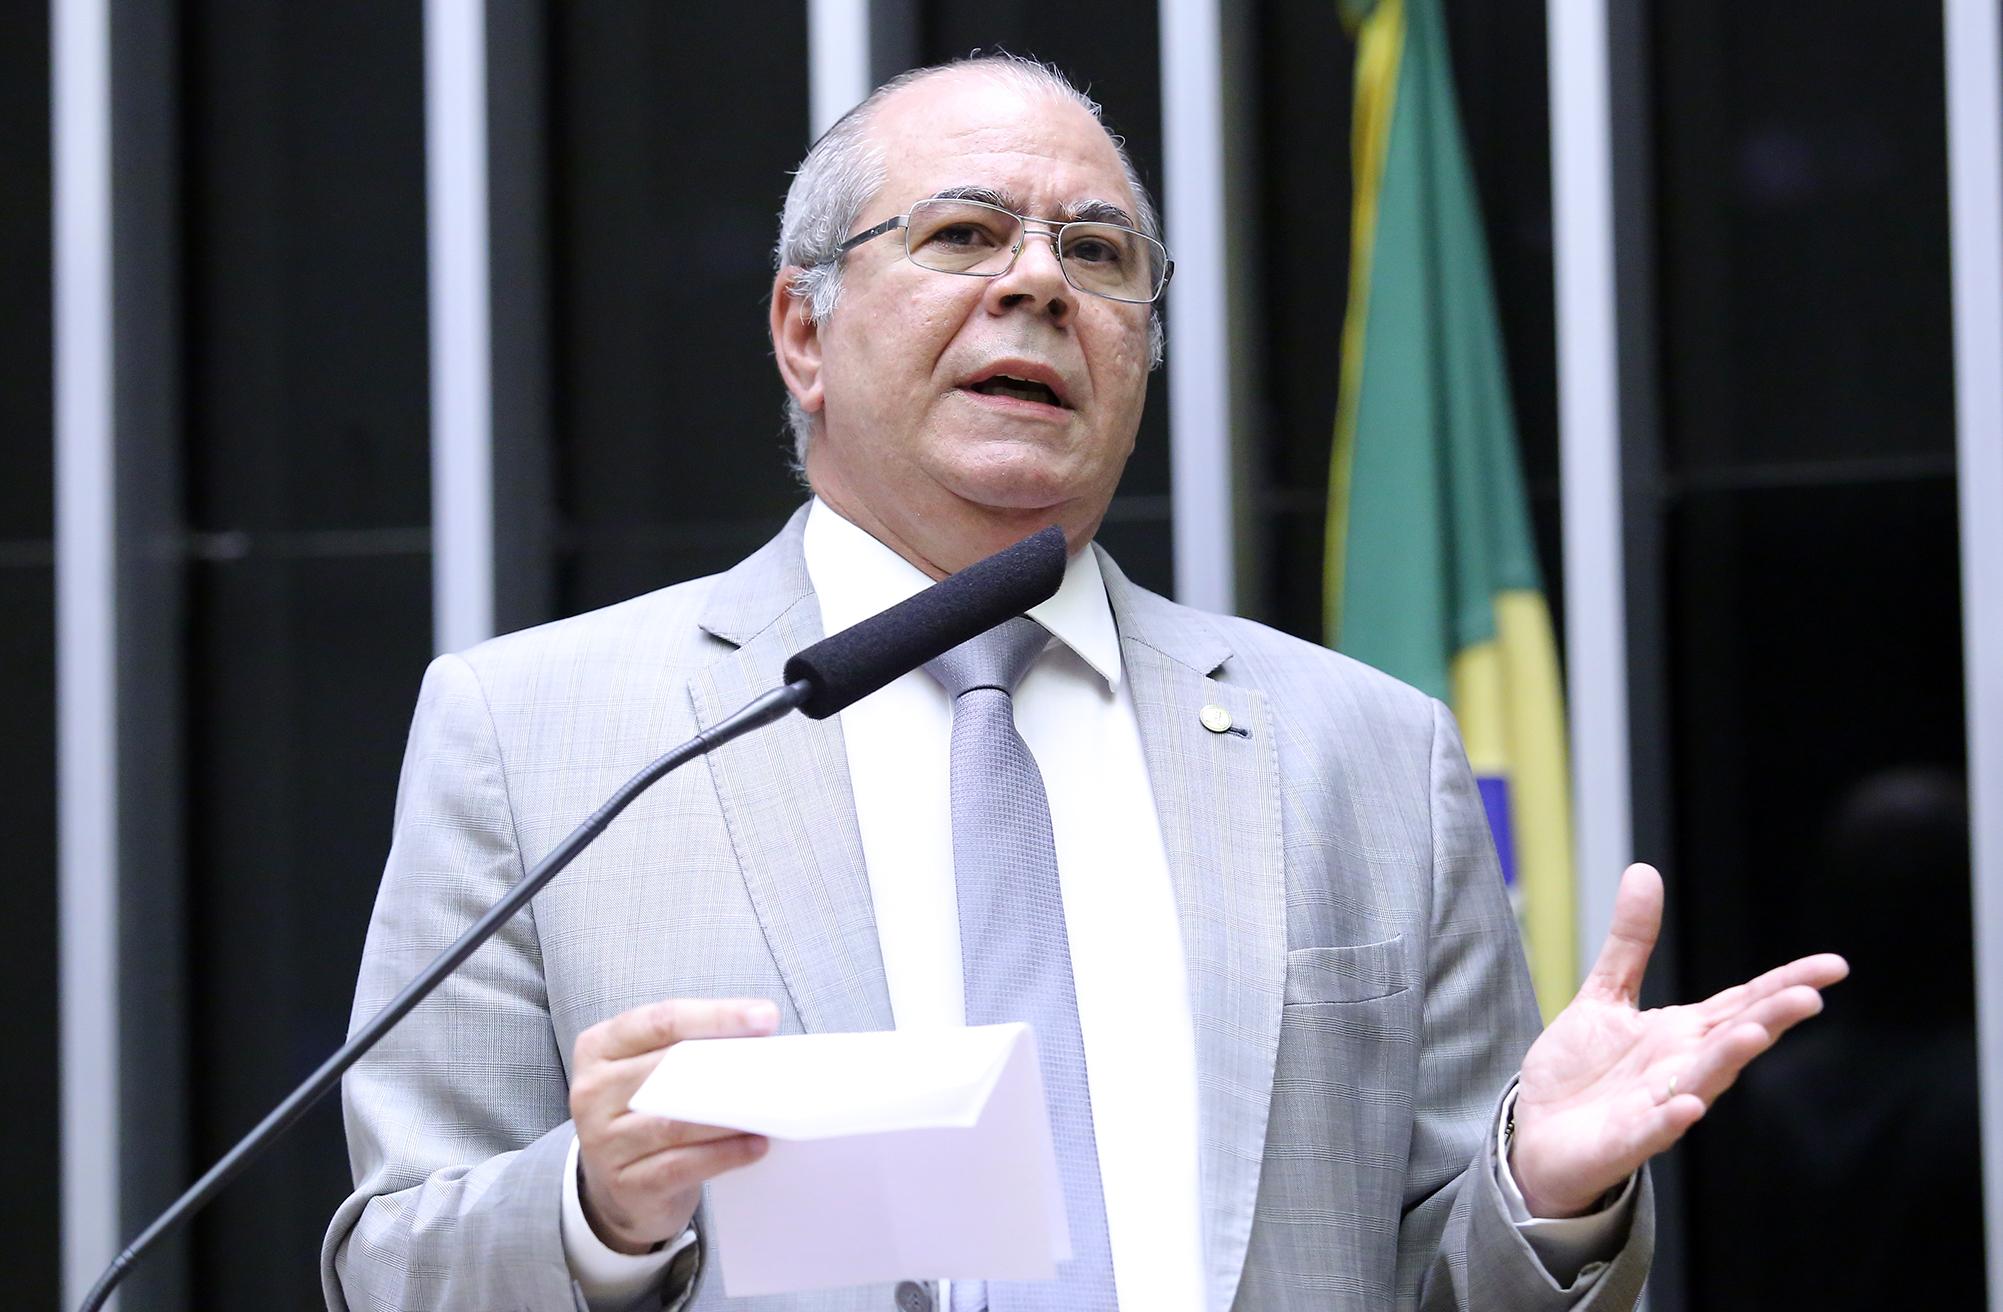 Sessão solene em homenagem aos 27 Anos do Instituto Nacional do Seguro Social (INSS). Dep. Hildo Rocha (PMDB-MA)